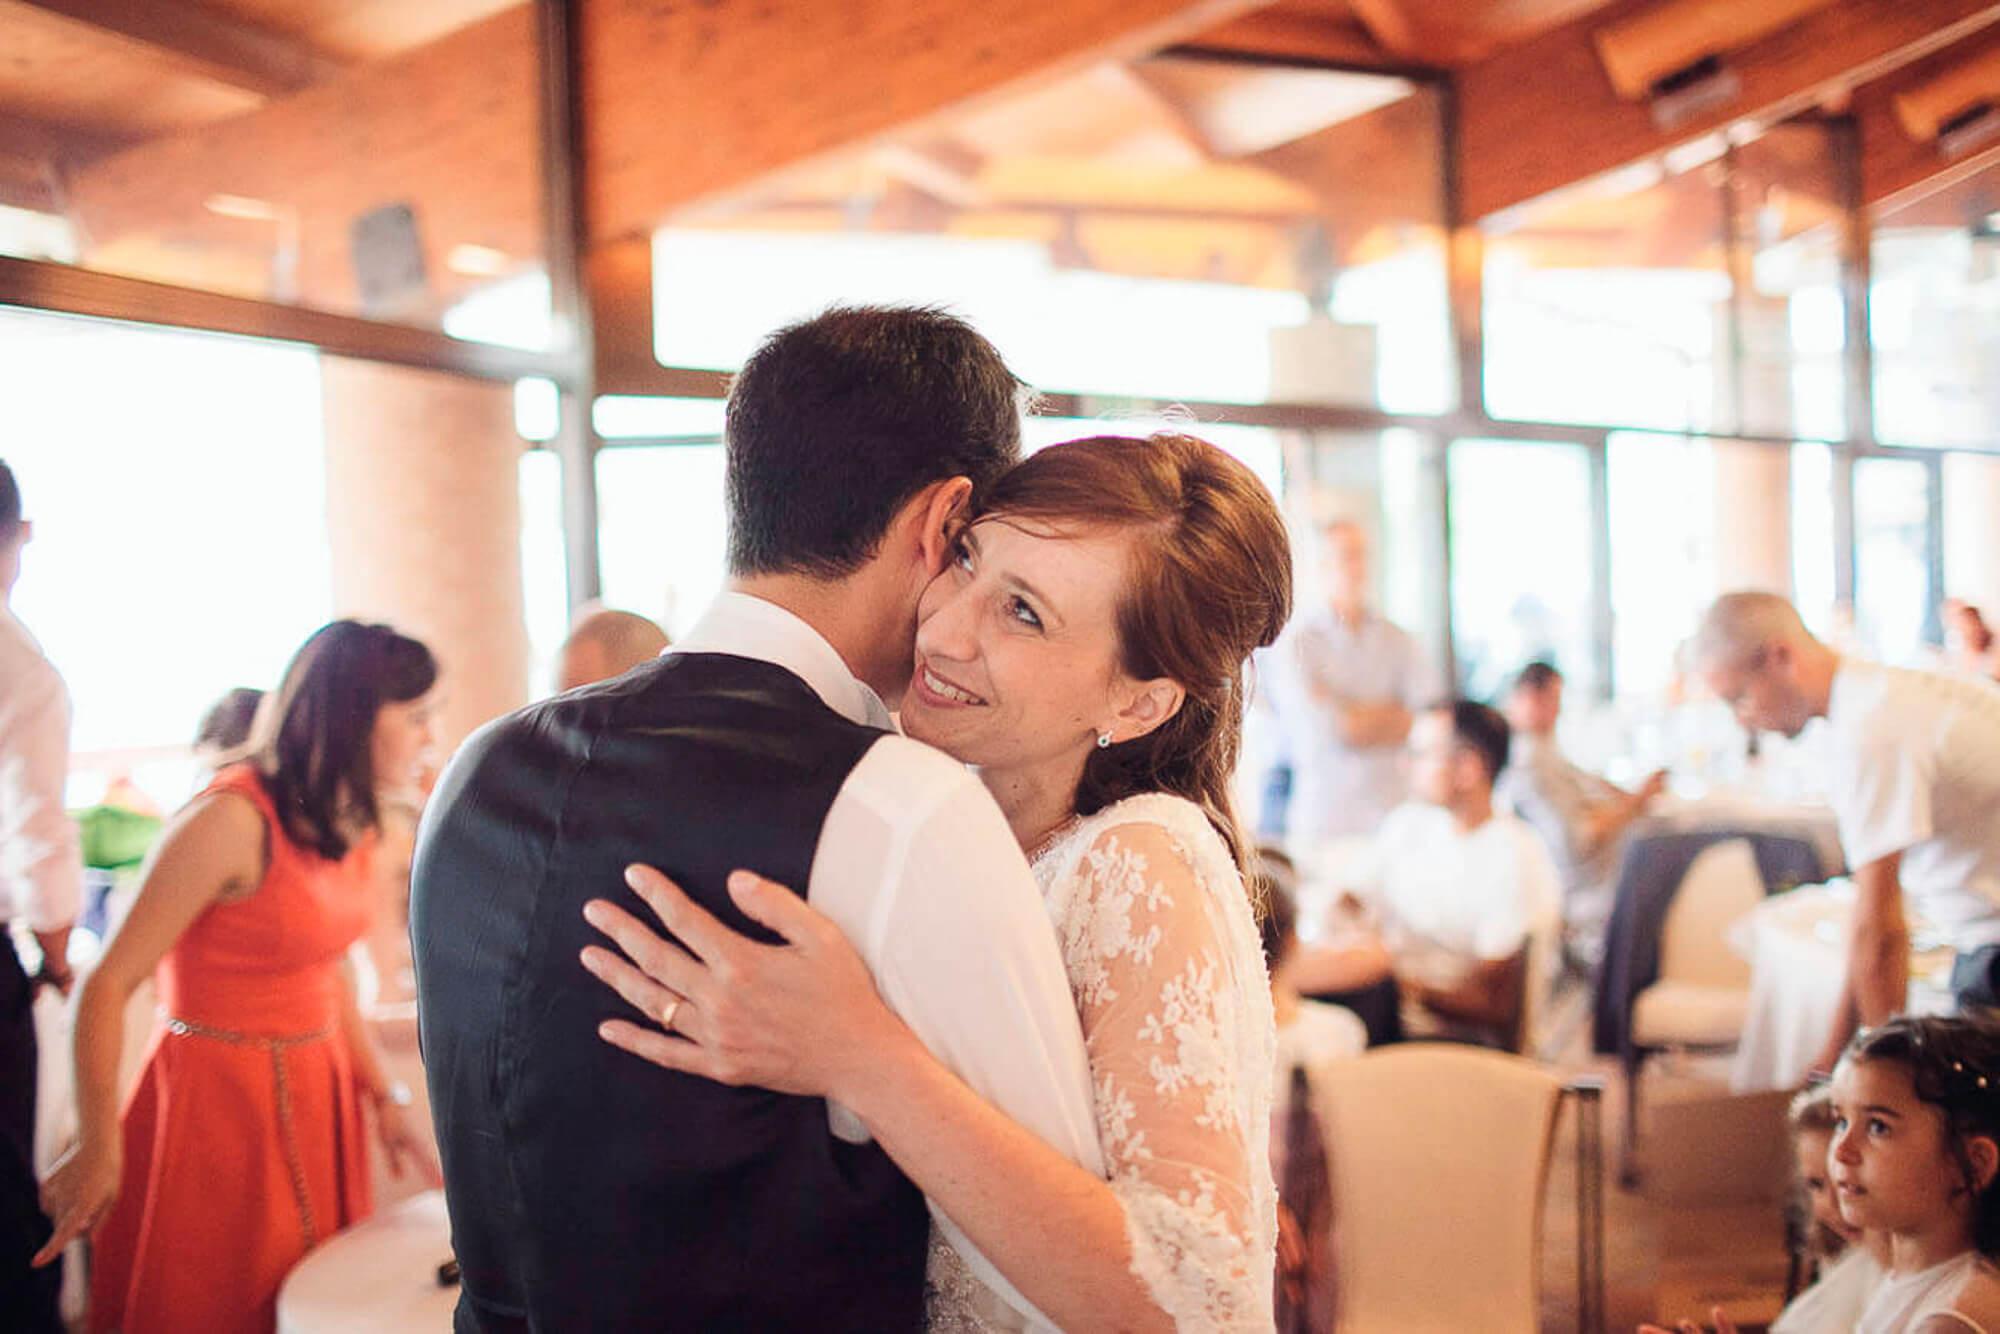 127_wedding_first dance.jpg